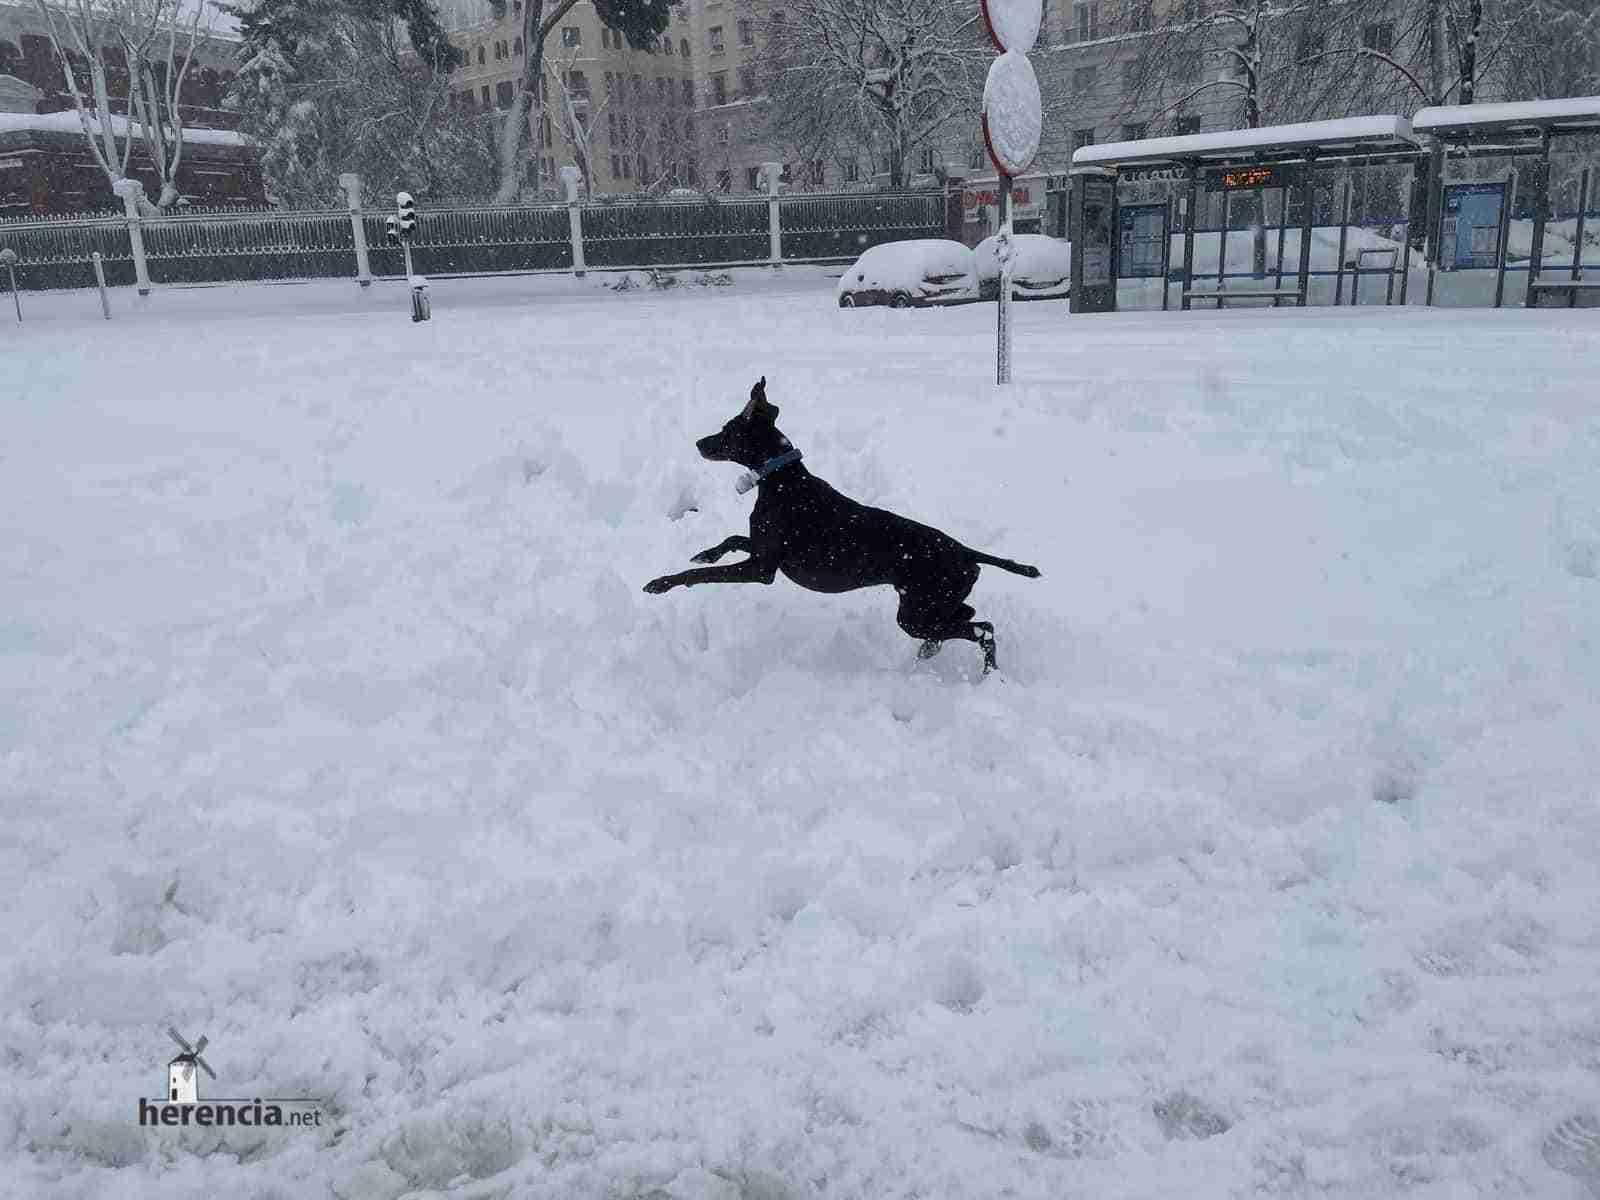 Fotografías de la nevada de enero en Madrid (España) 135